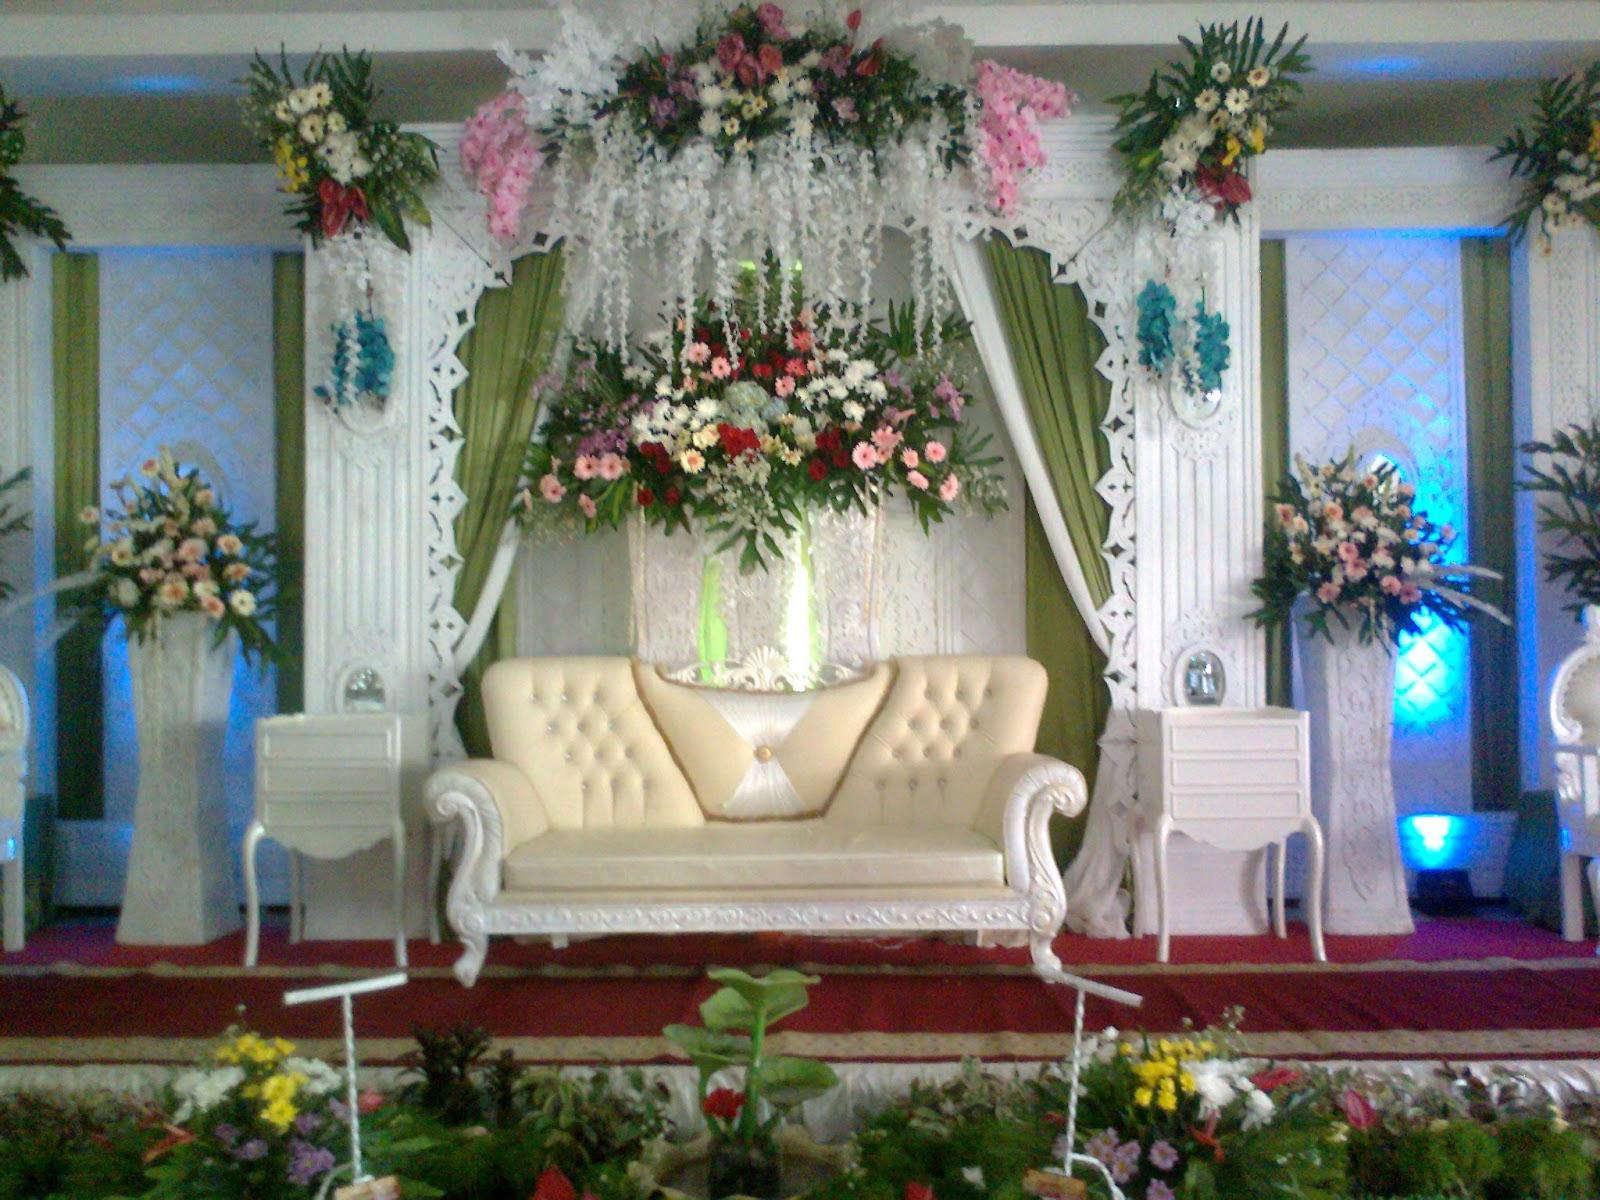 paket wedding dekorasi tenda